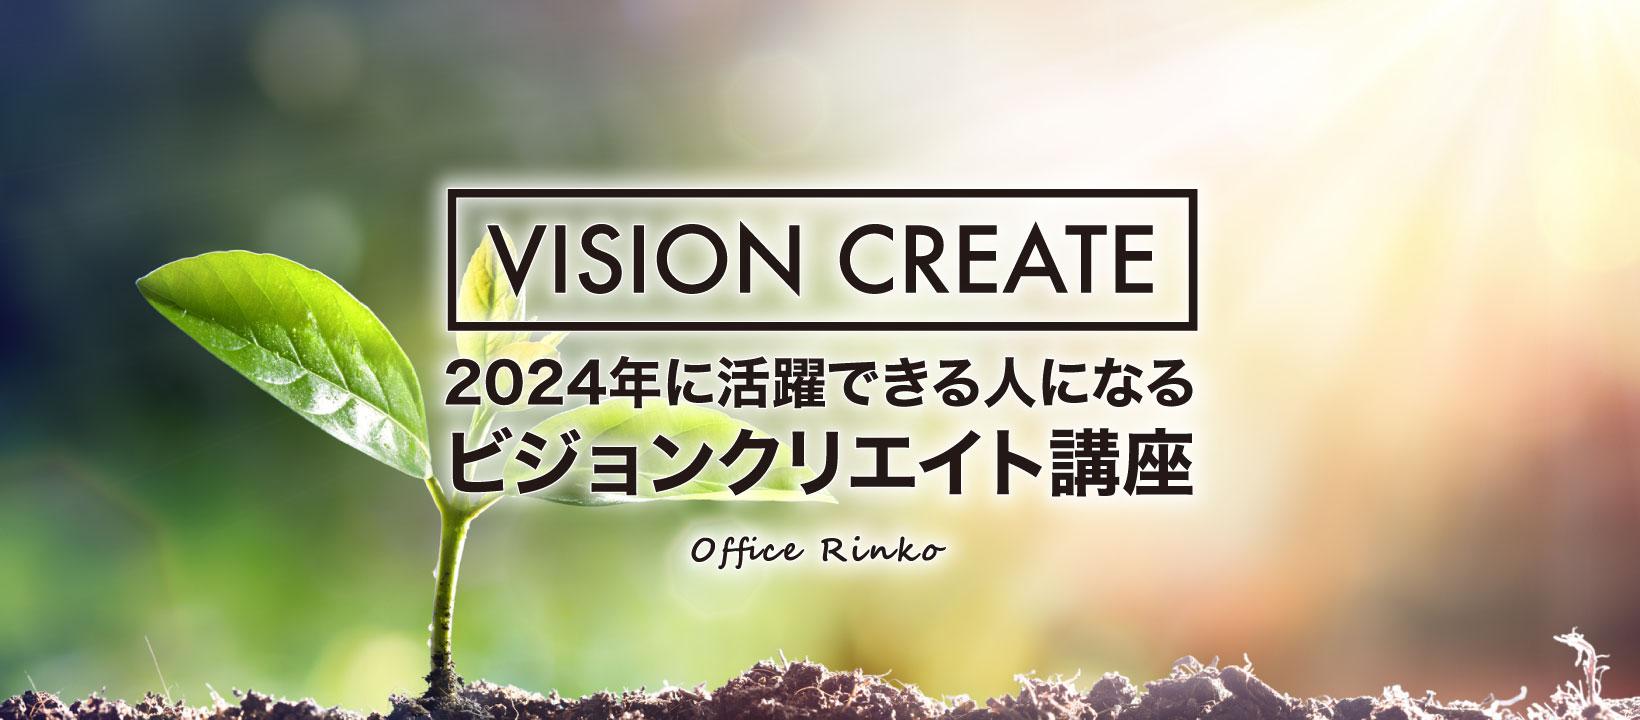 《満員御礼》【東京都】2024年に活躍できる人になる 「ビジョンクリエイト」講座